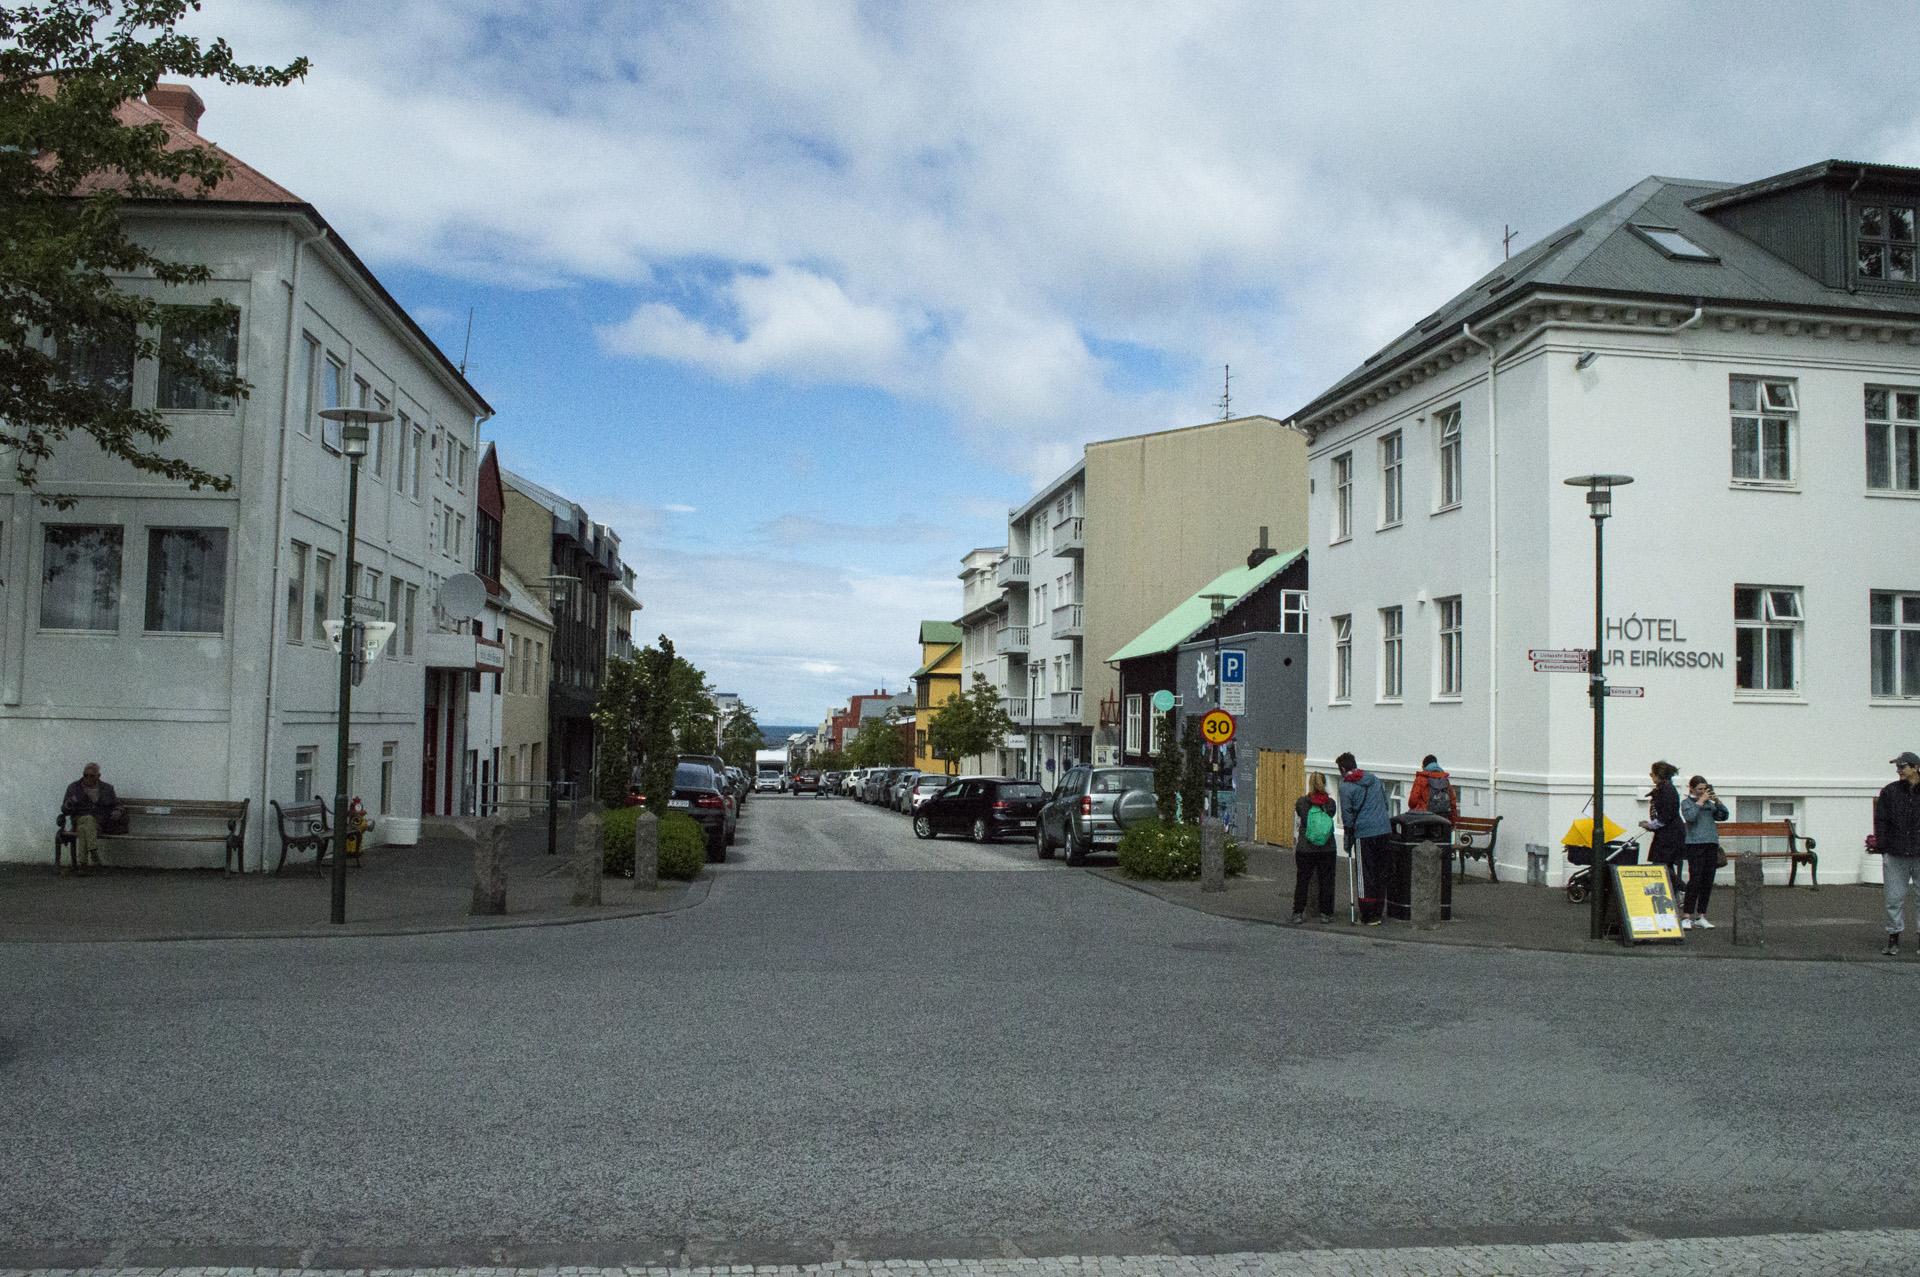 The view down Skólavörðustigur, as seen from Hallgrímskirkja, Reykjavík, Iceland.